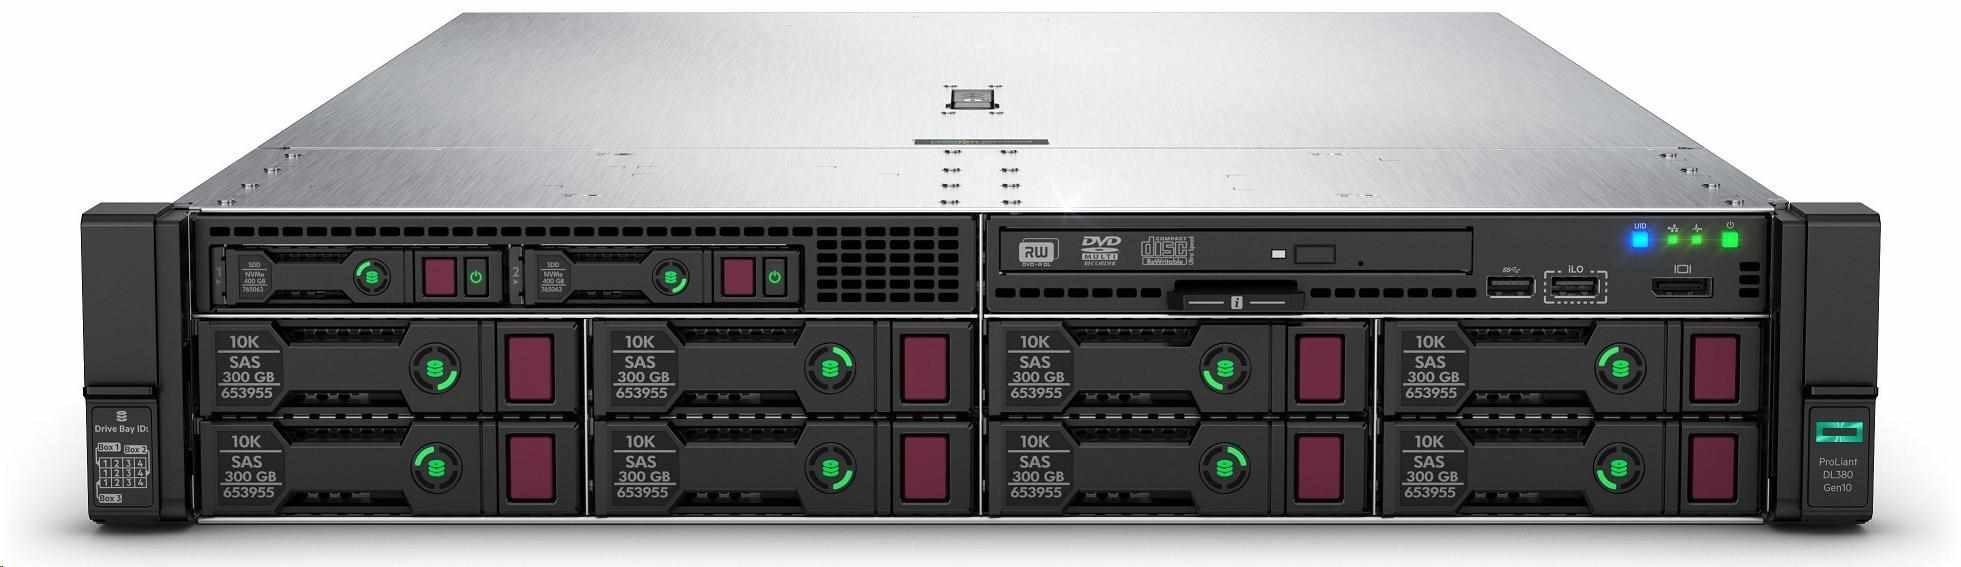 HPE PL DL380g10 3106 (1.7G/8C/11M/2133) 1x16G S100i SATA 8LFF 1x500Wp NBD333 2U 868709-B21 Renew